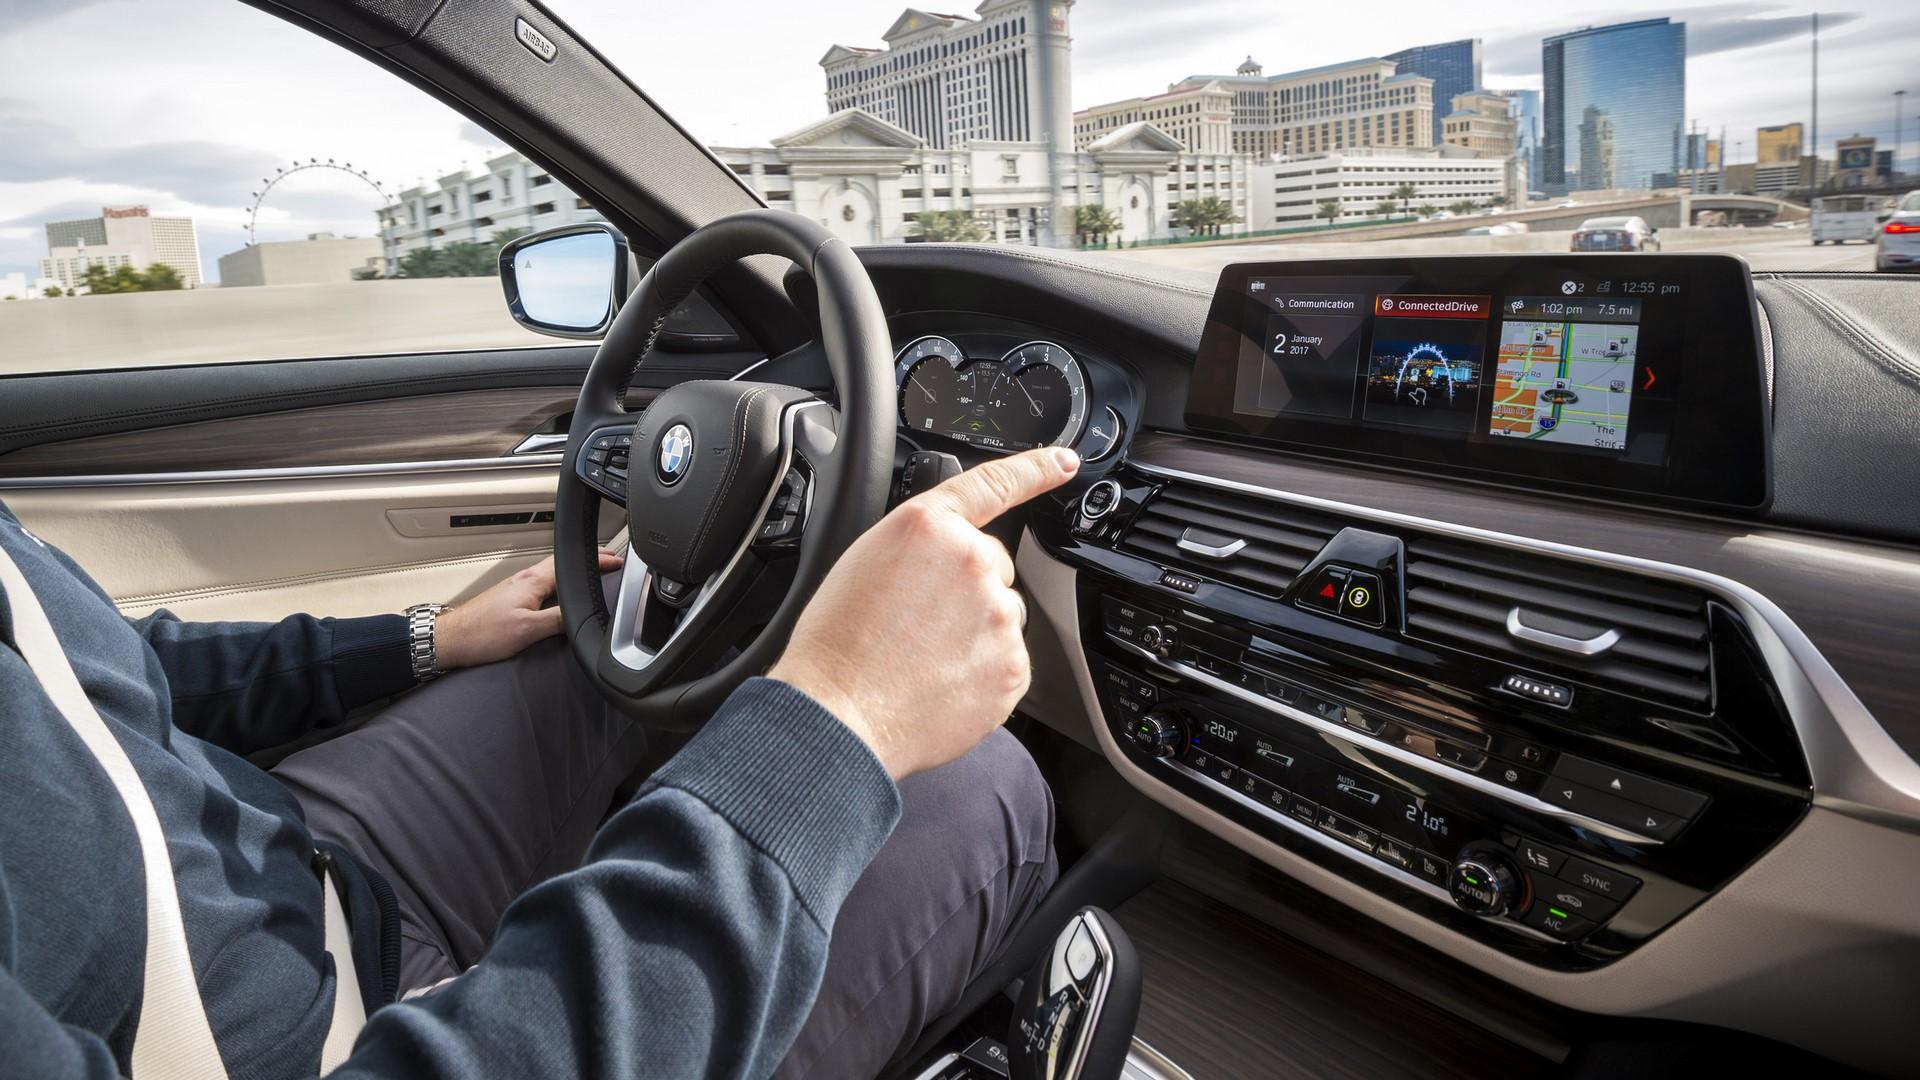 BMW 5 Series Autonomous Prototype (12)